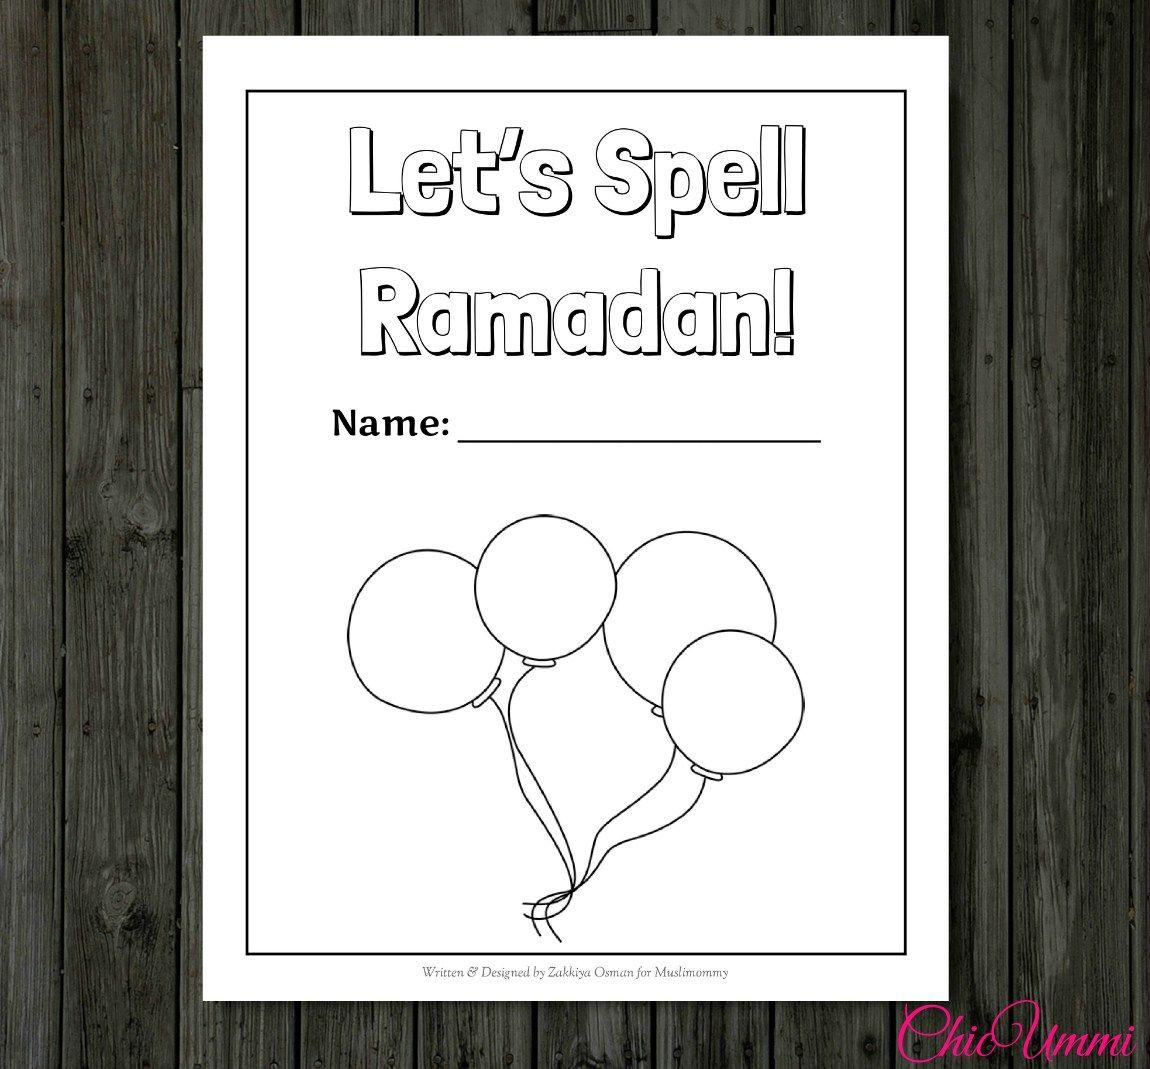 LetsSpellRamadan.jpg (1150×1069) Ramadan, Coloring